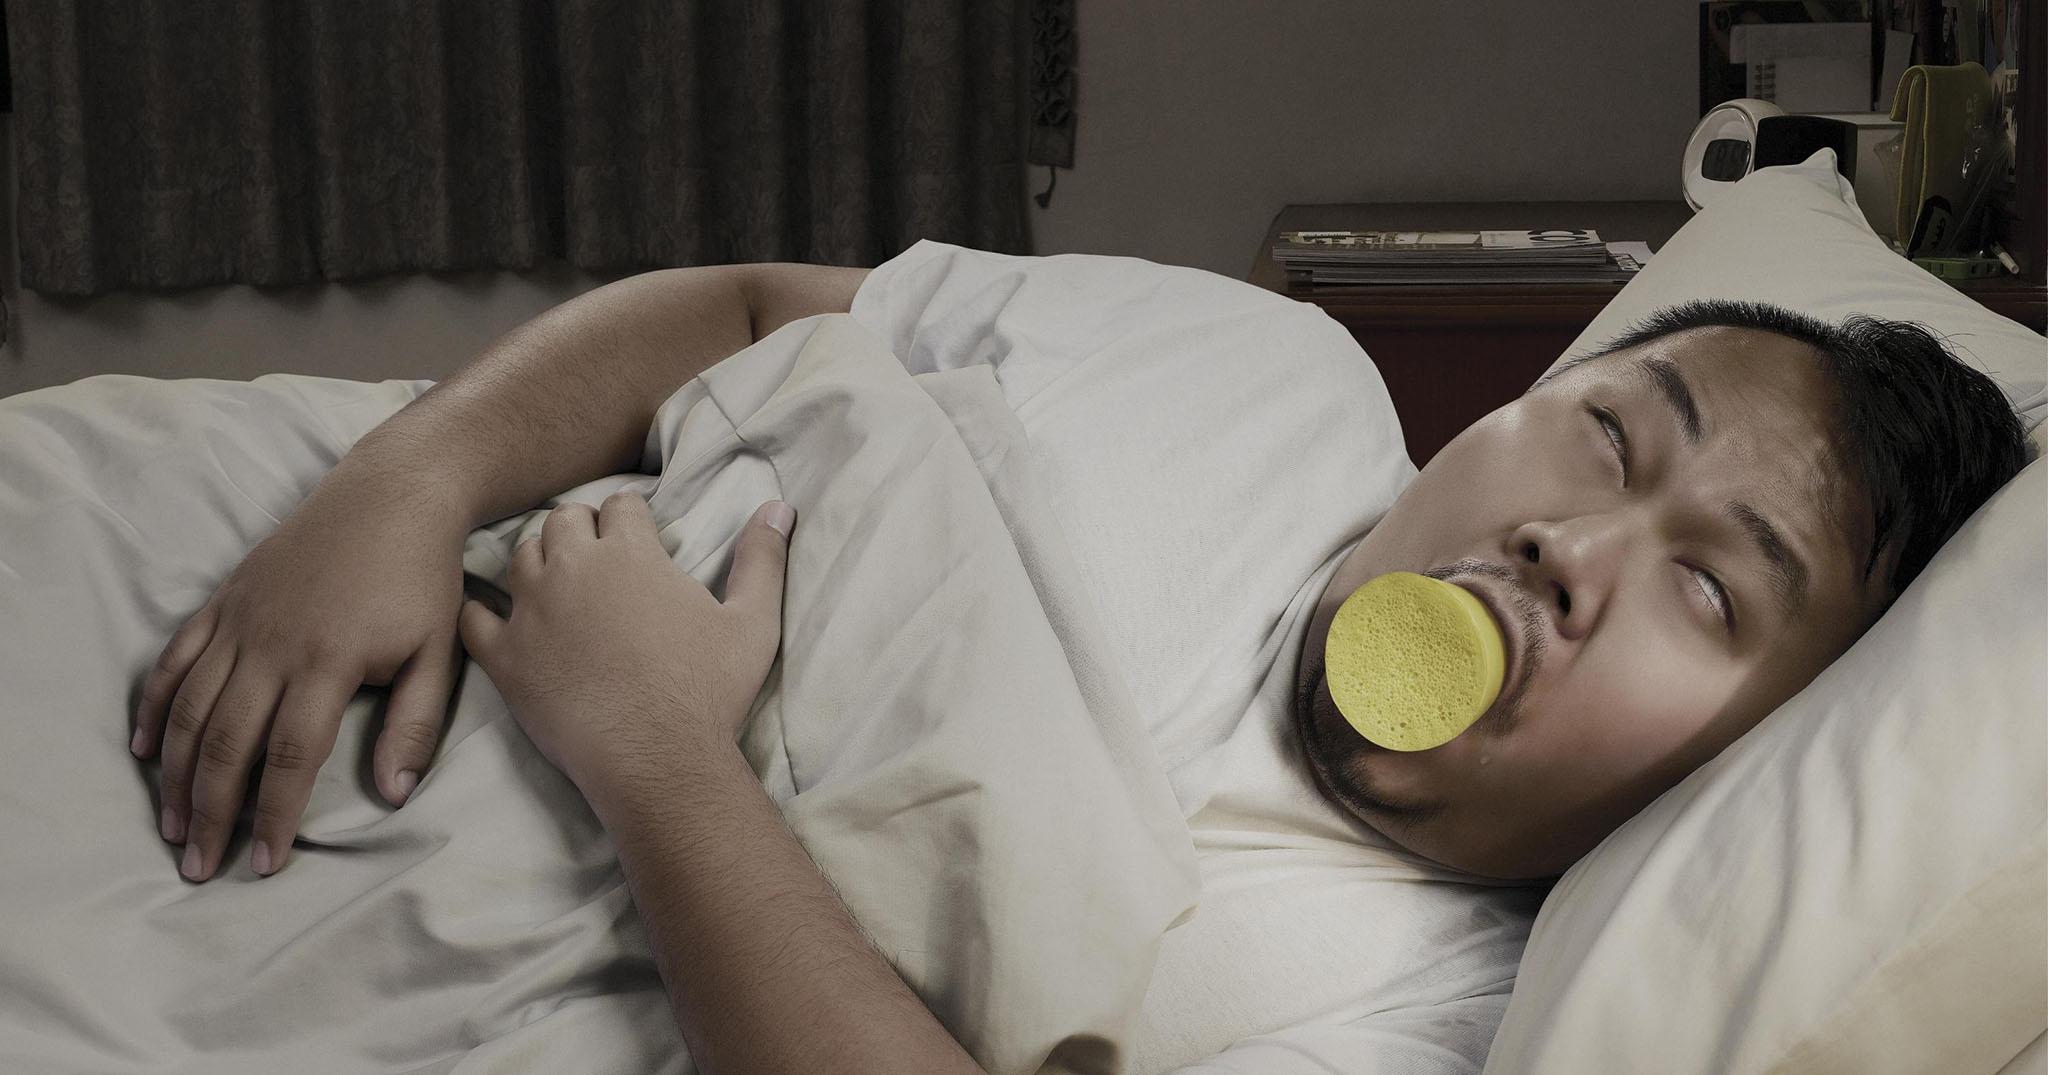 Tại sao chúng ta lại ngủ ngáy và các cách phòng ngừa triệu chứng khó chịu  này | Tinh tế